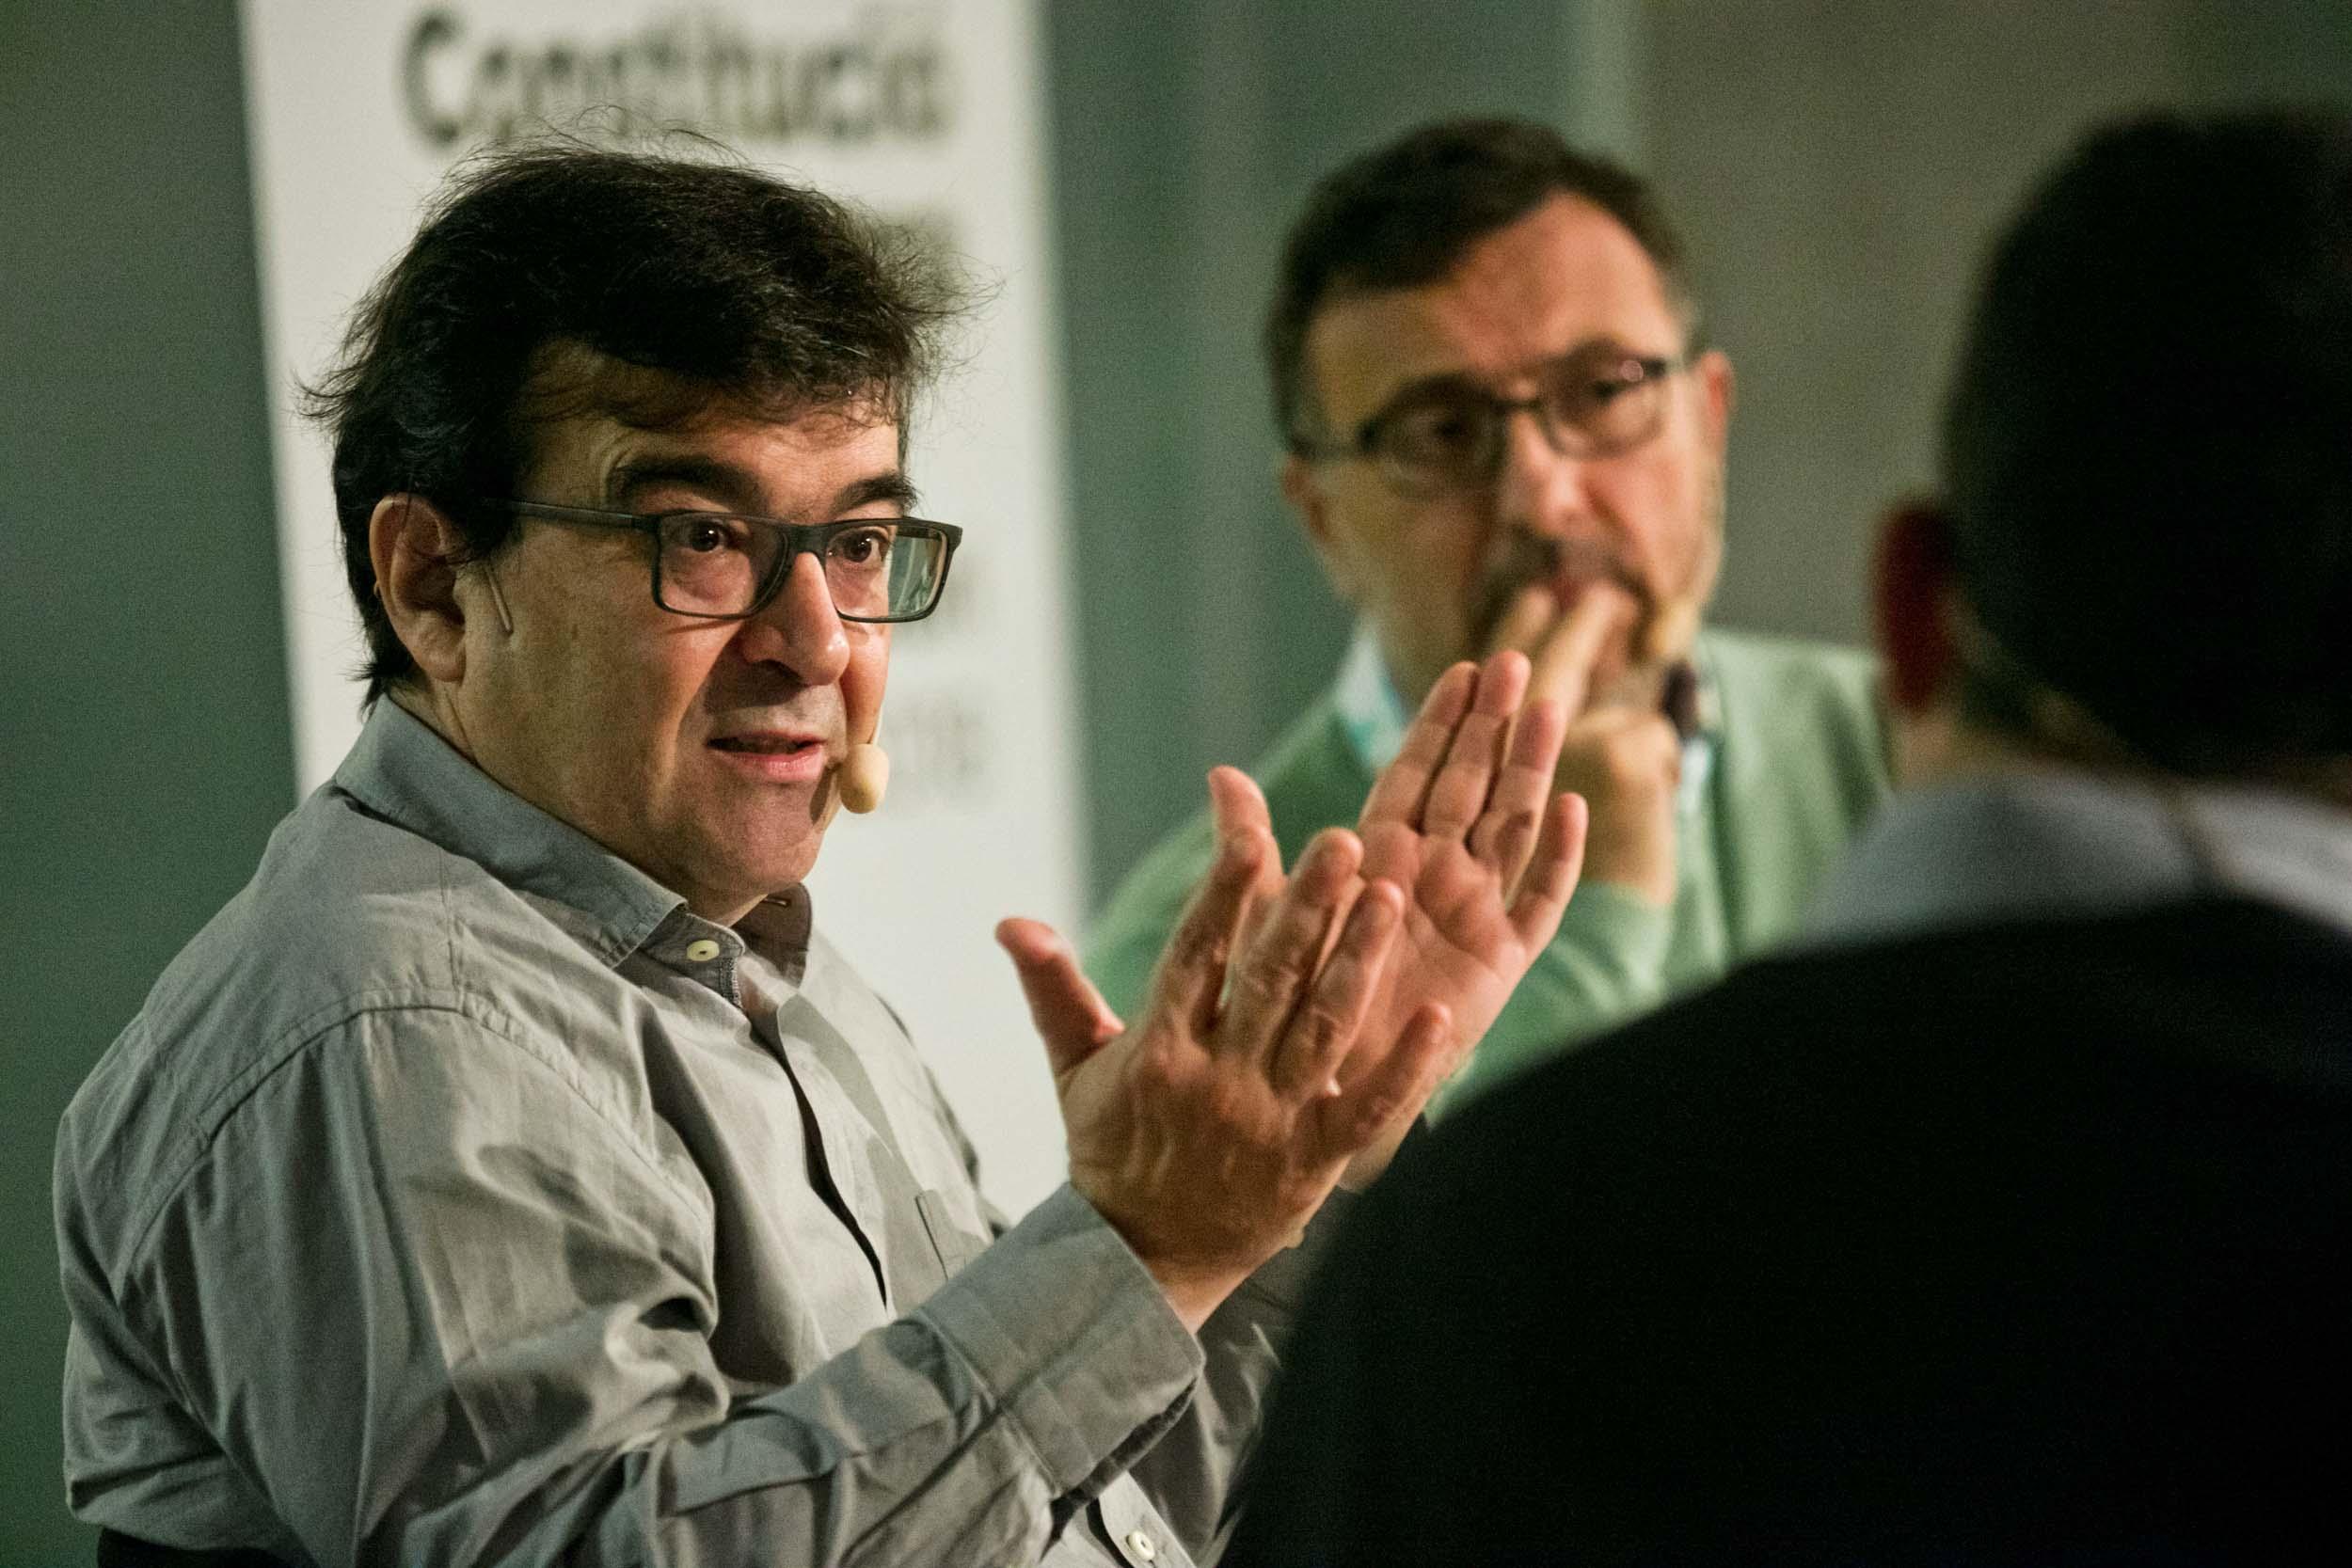 El cicle Conferències sobre la Democràcia continua amb un diàleg protagonitzat per l'escriptor Javier Cercas